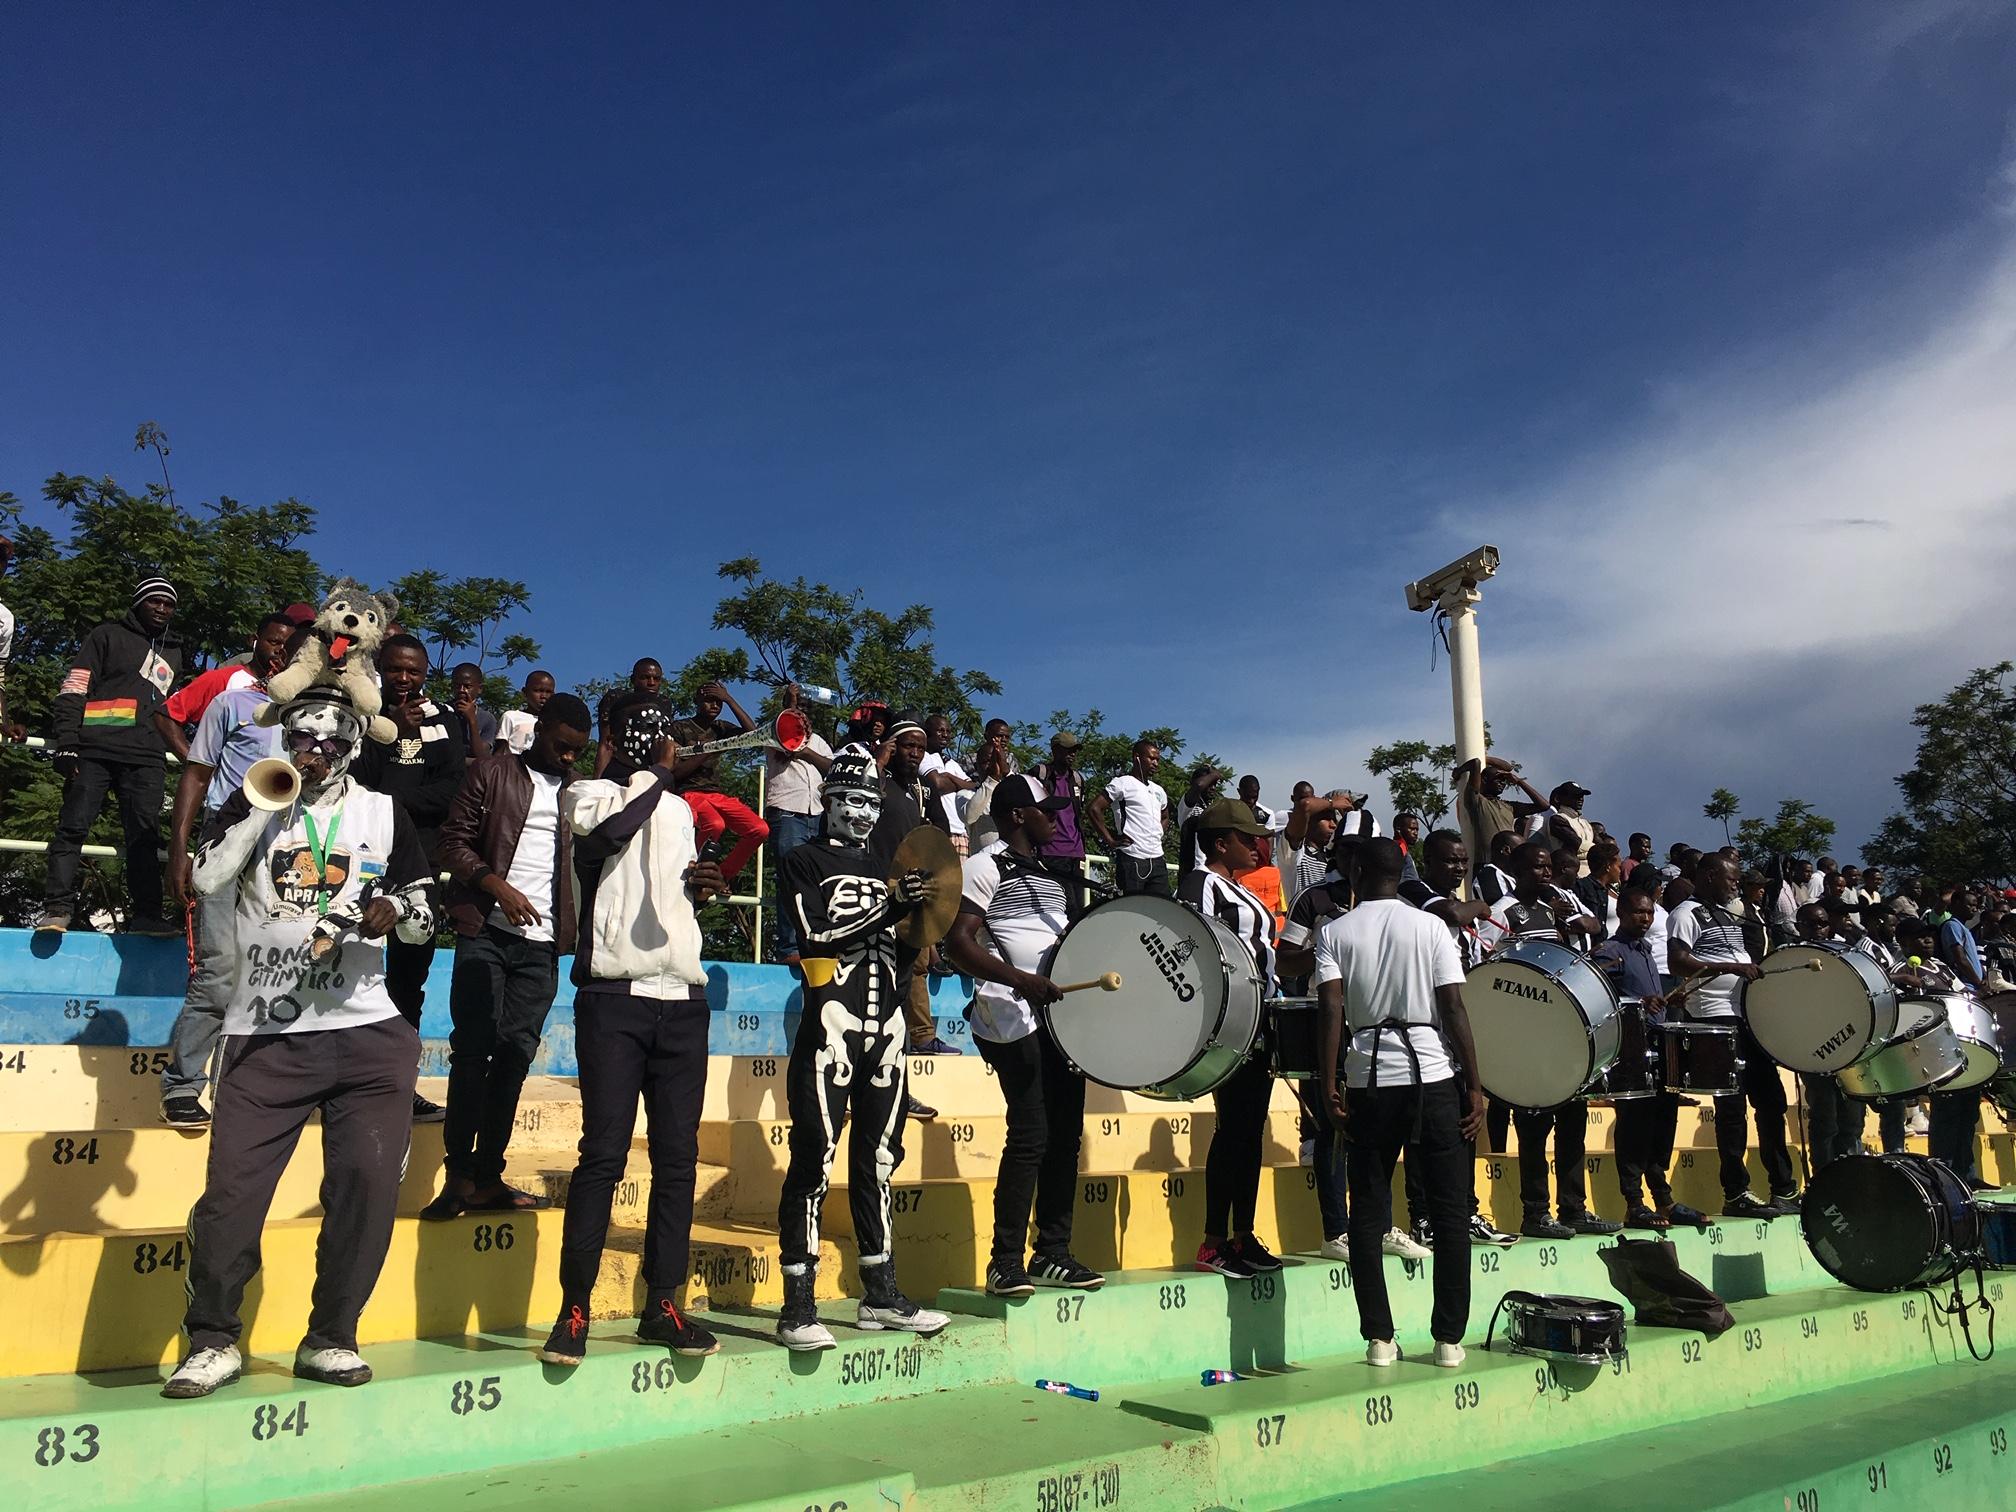 Fans beim Armeeklub APR